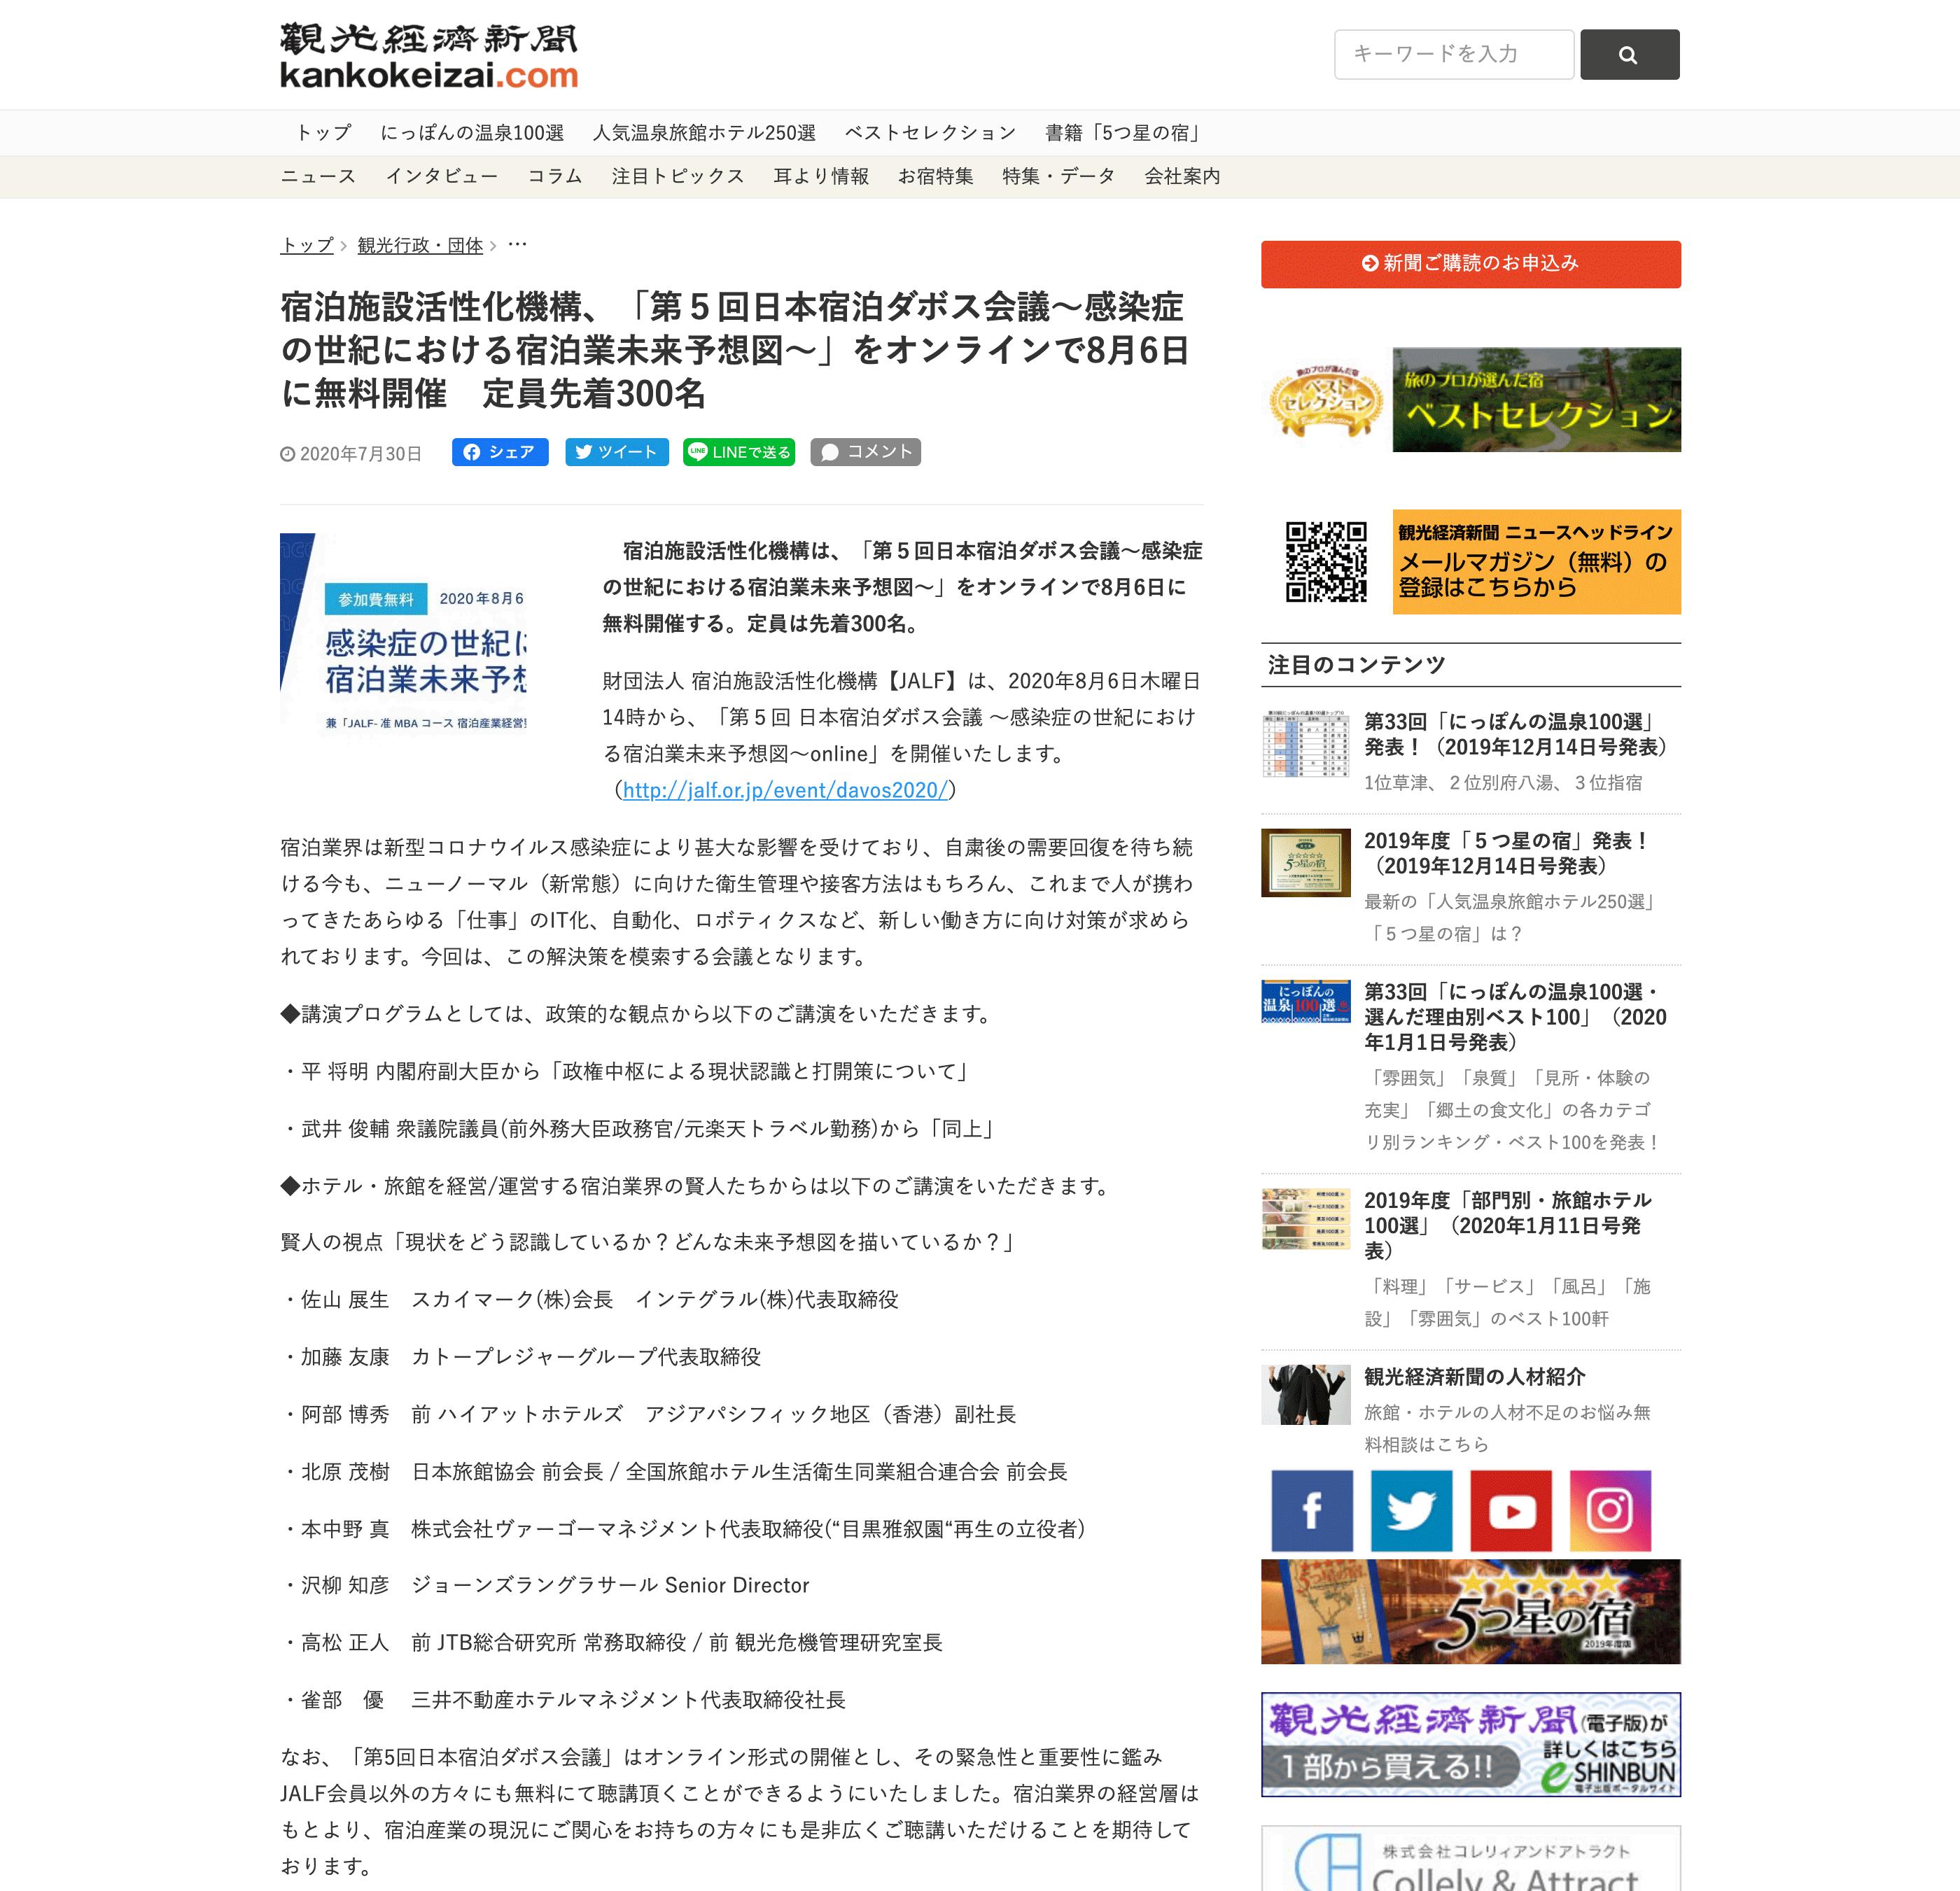 2020年7月30日(木)の週刊「観光経済新聞」に「第5回 日本宿泊ダボス会議」が取り上げられました。